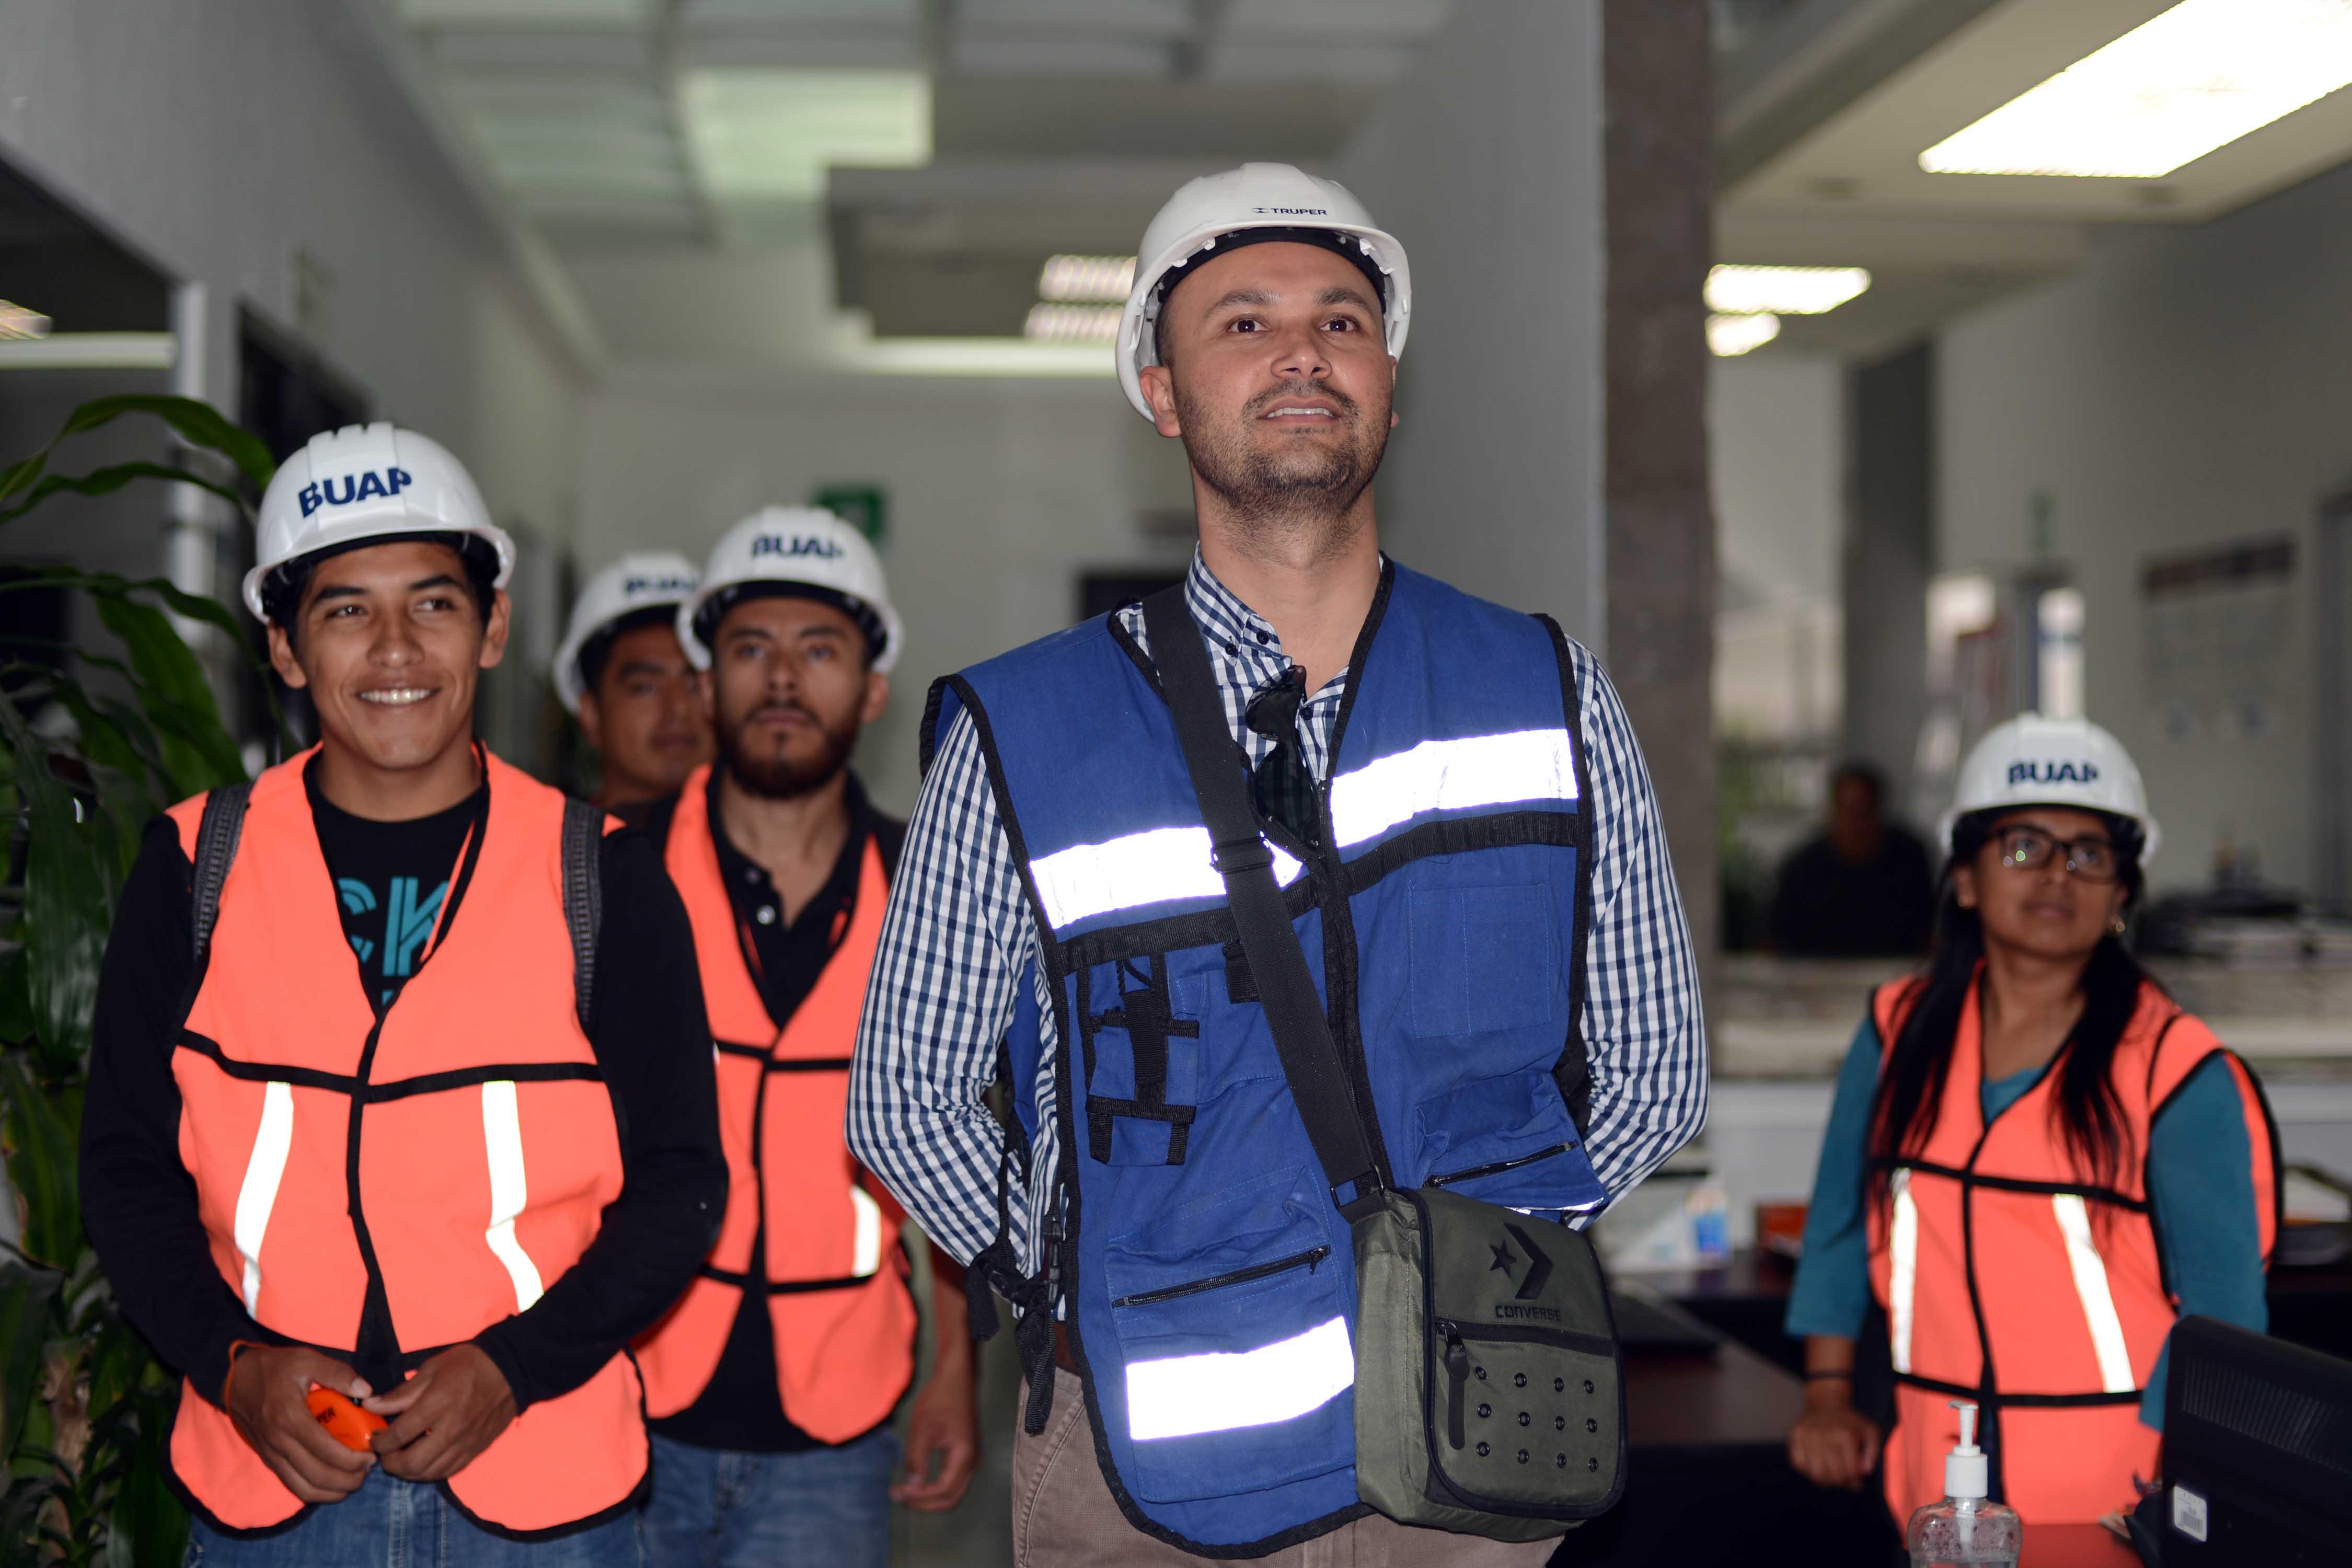 Directores responsables de obra valoran 576 edificios de la BUAP